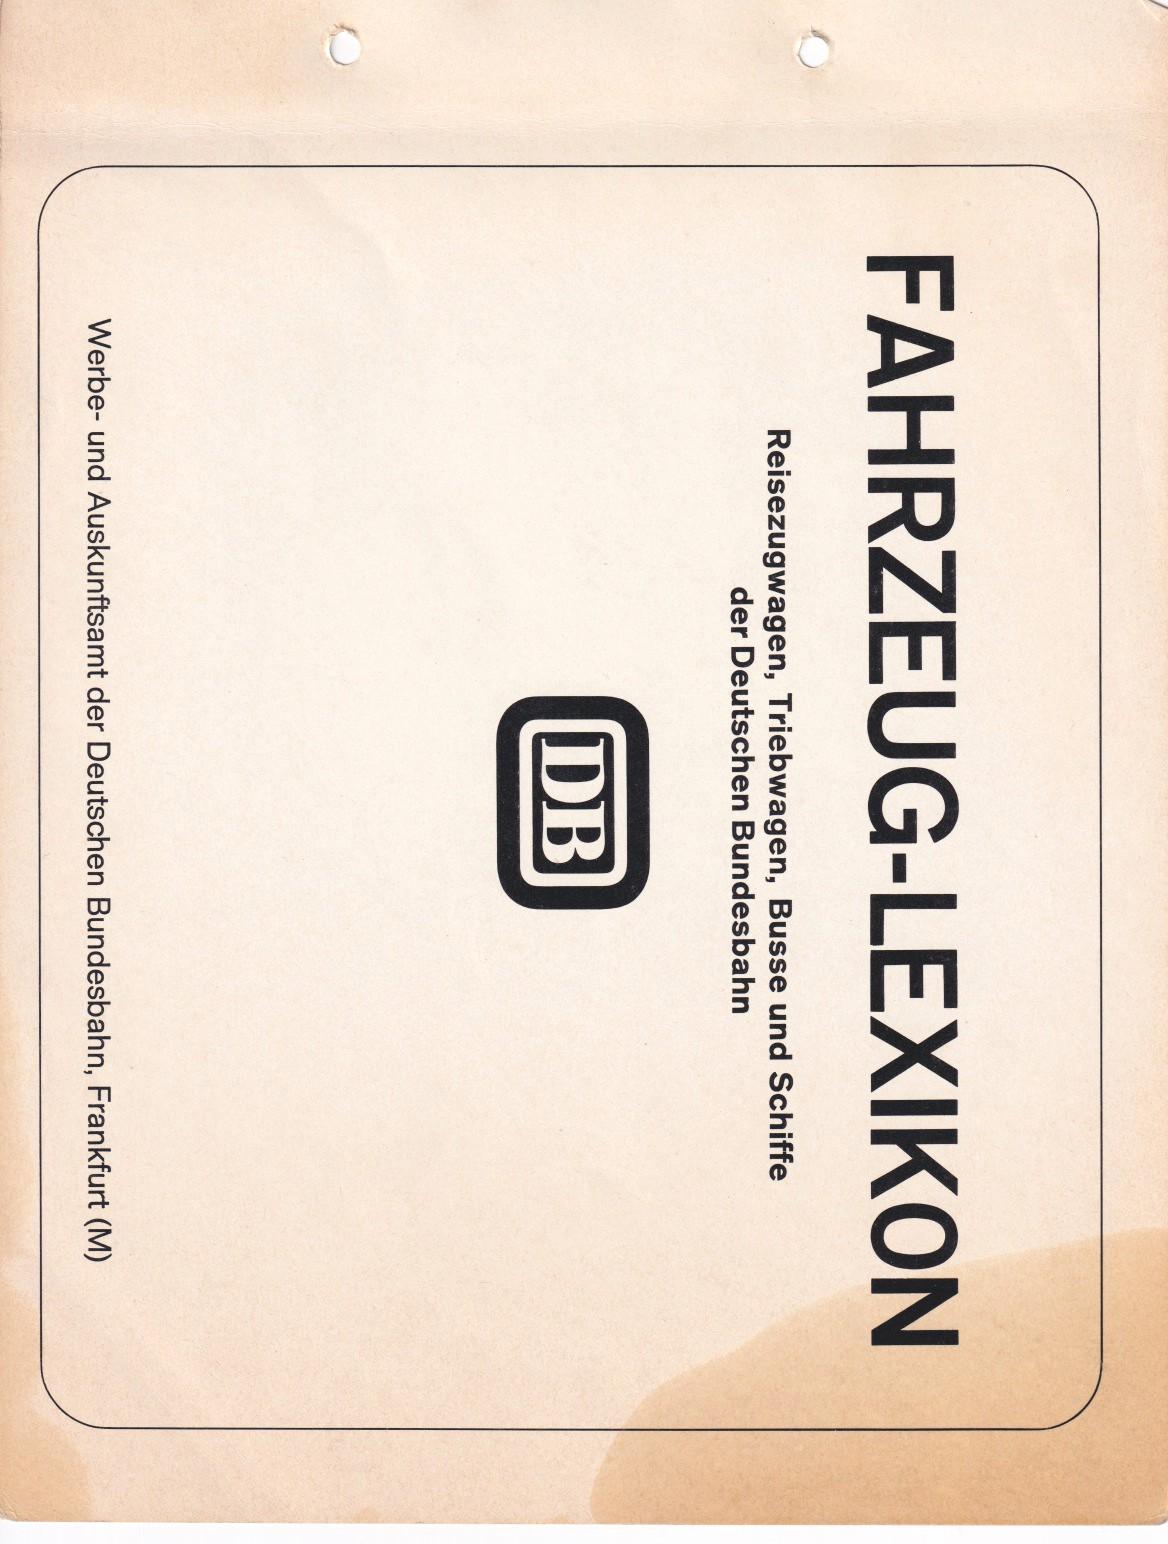 https://www.nullclub.de/hifo/Fahrzeuglexikon/Wagen01b.jpg